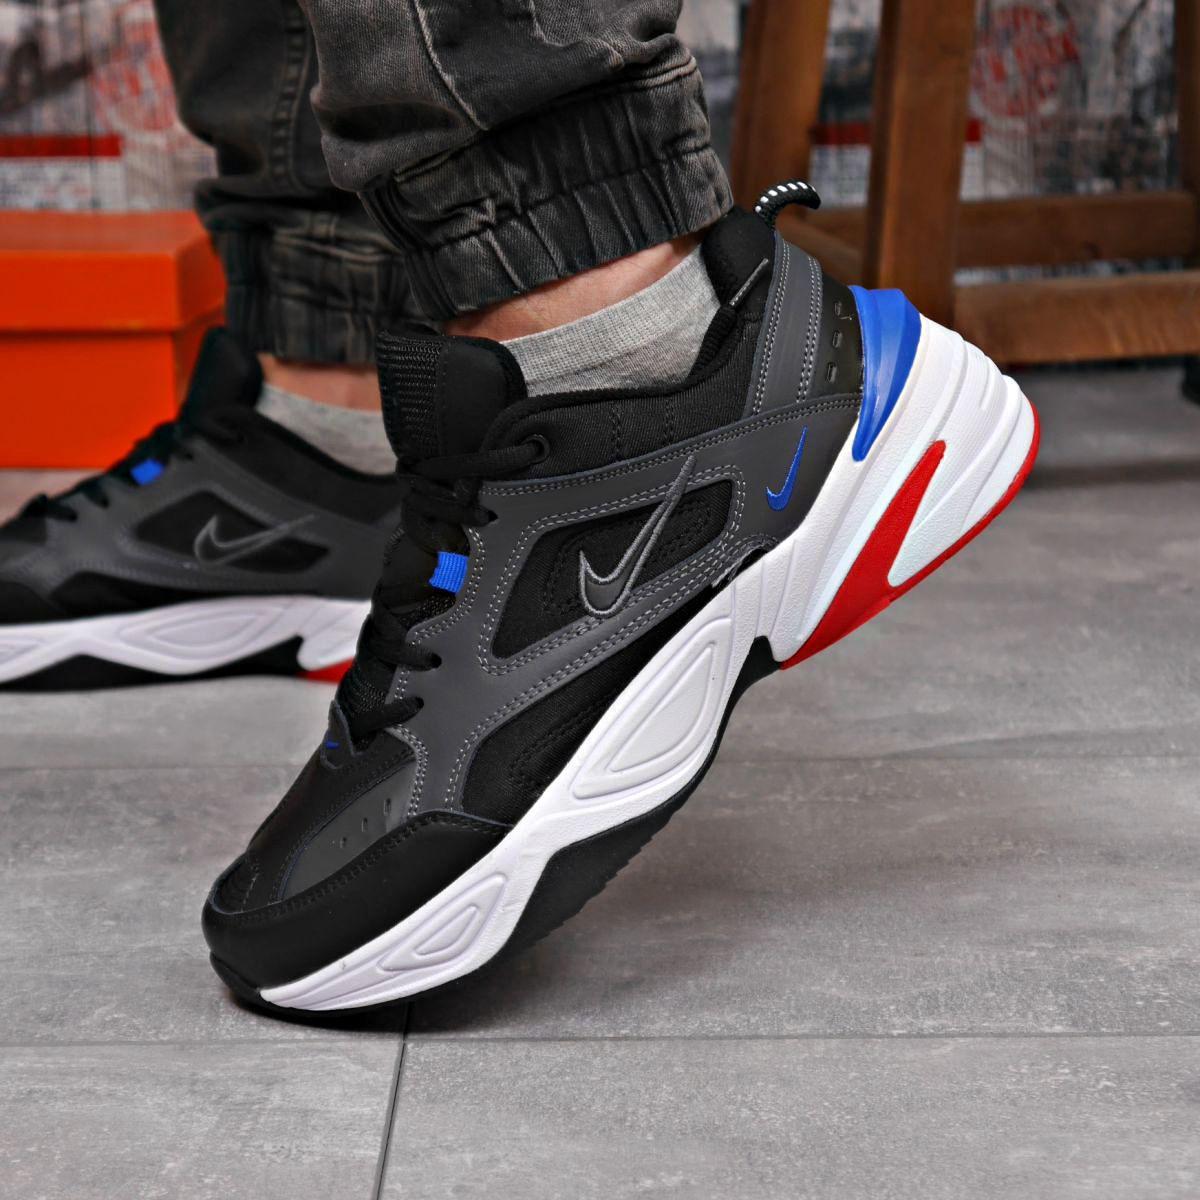 Кроссовки мужские 18202 ► Nike M2K Tekno, черные  (качество AAA). [Размеры в наличии: 41,42,43,44,45,46]